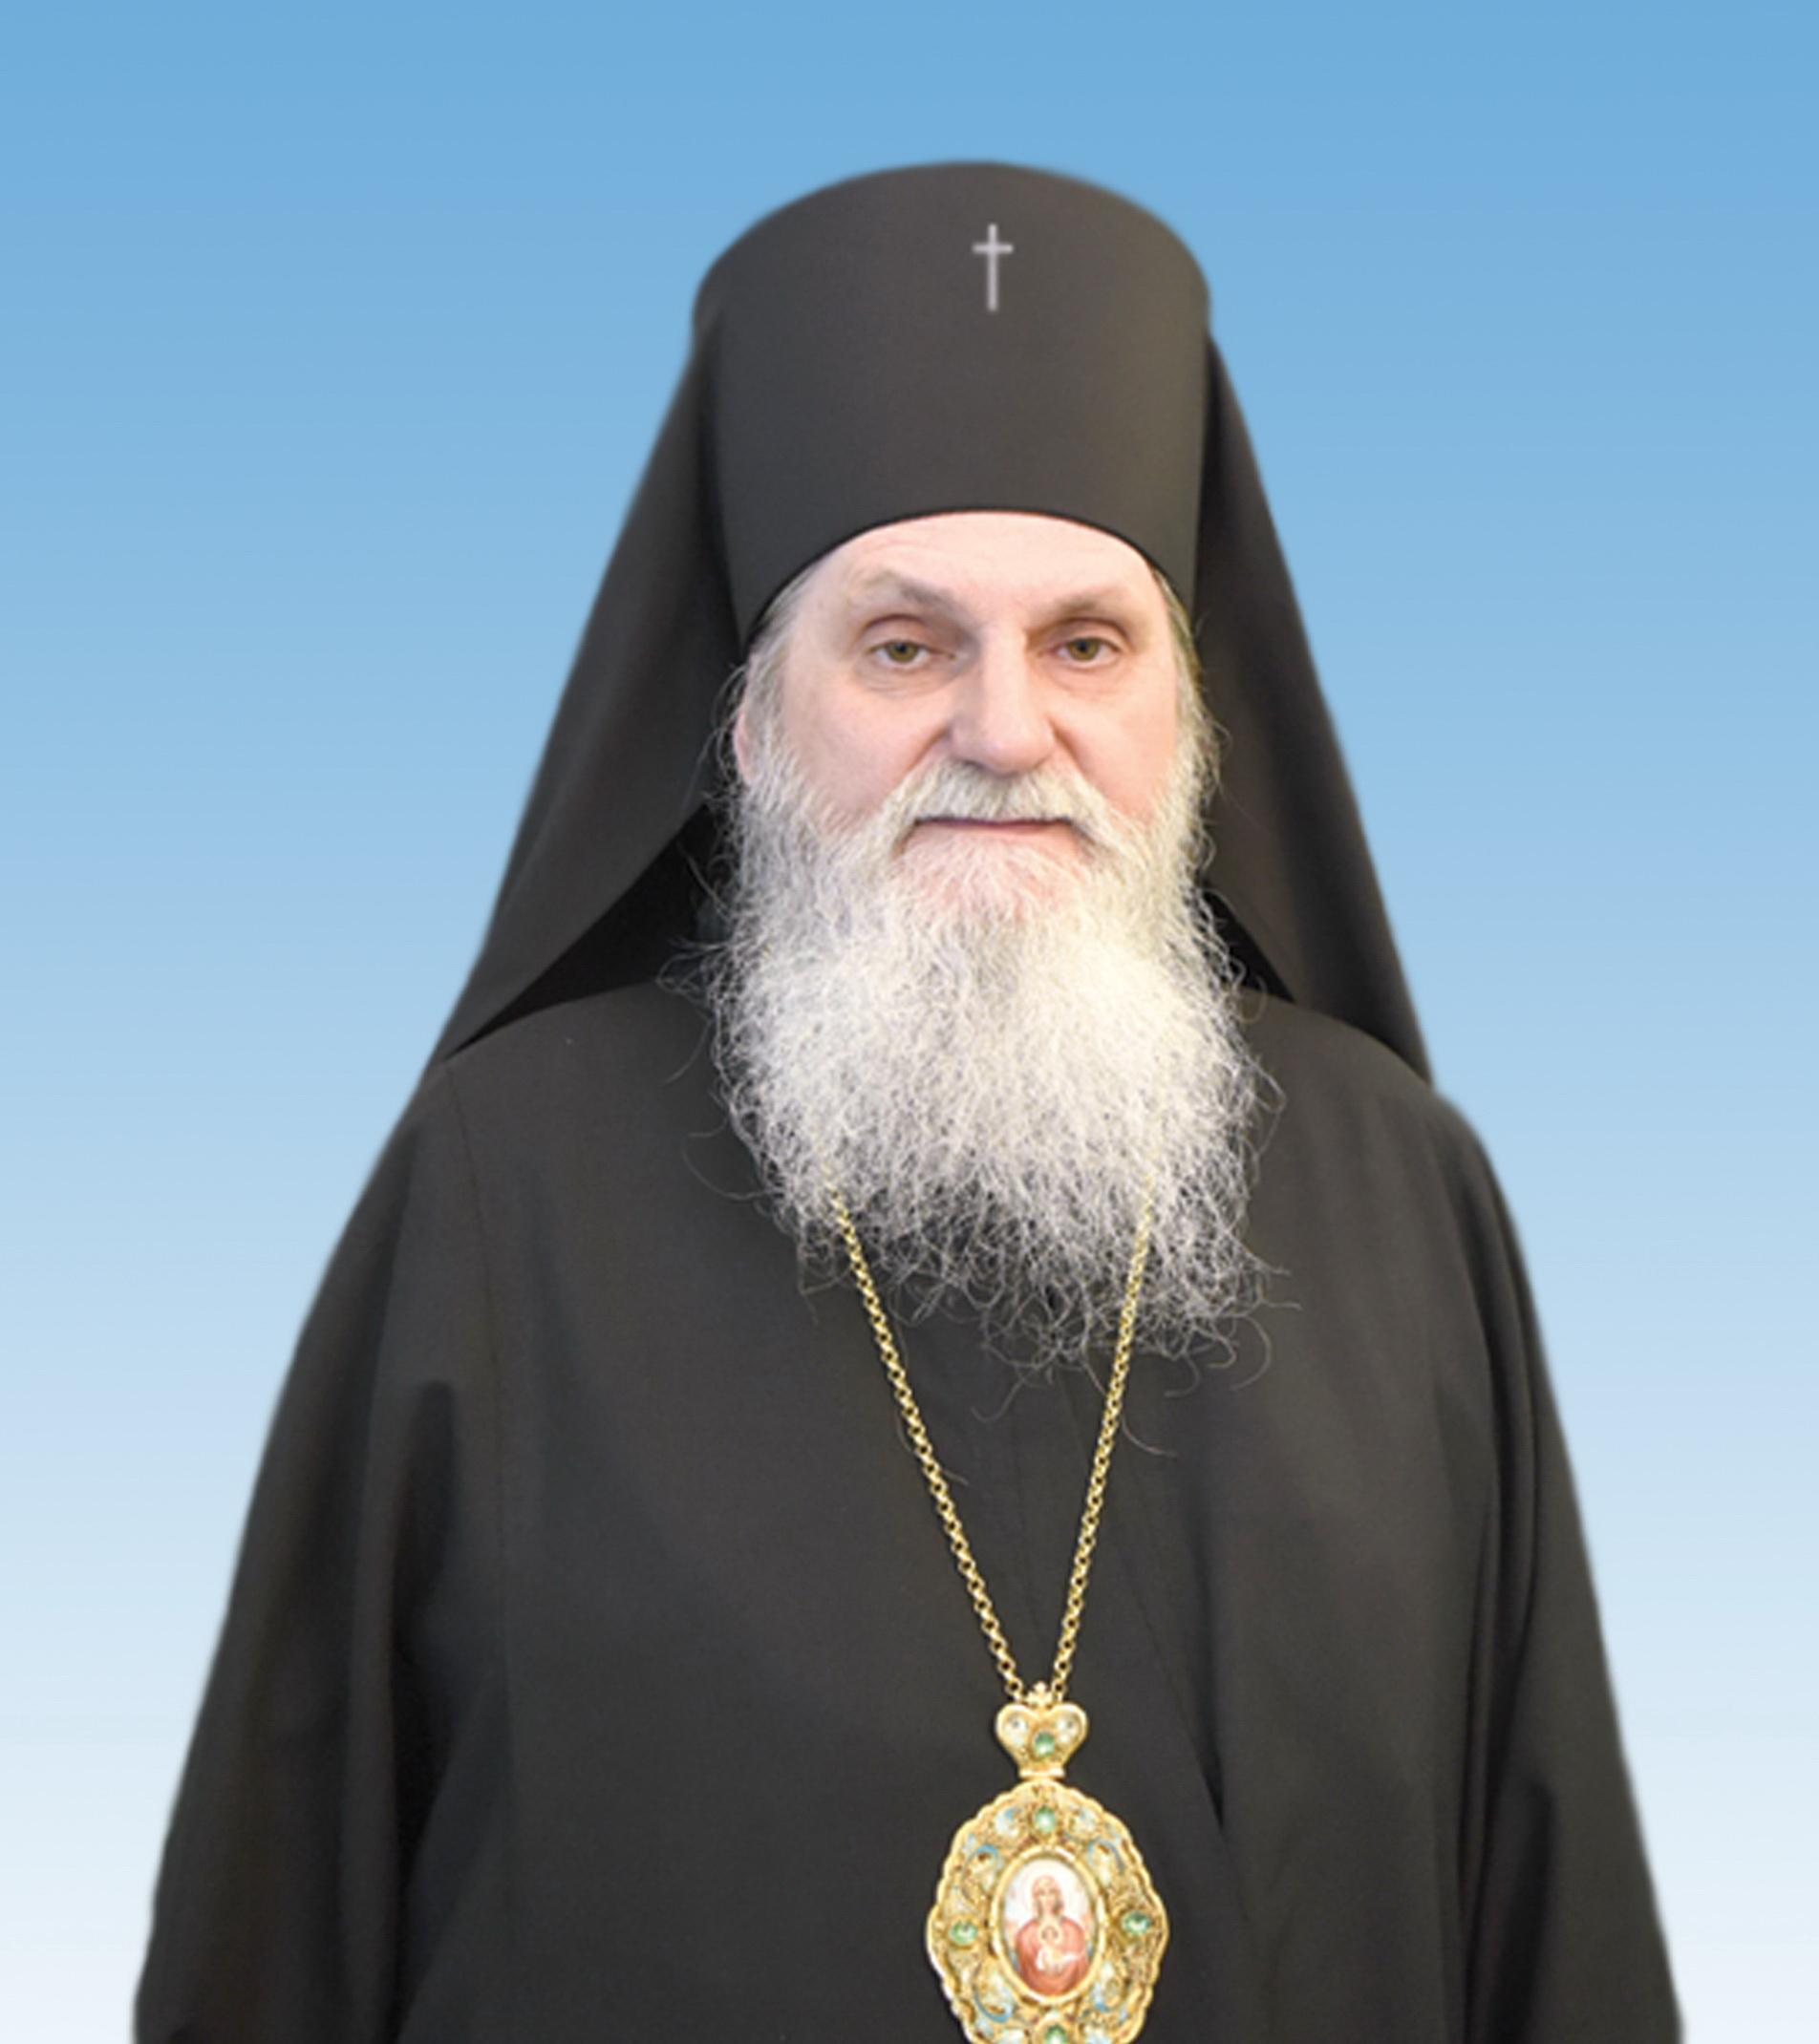 Патріарх Філарет привітав архієпископа Переяславського і Білоцерківського Андрія з 60-річчям від Дня народження